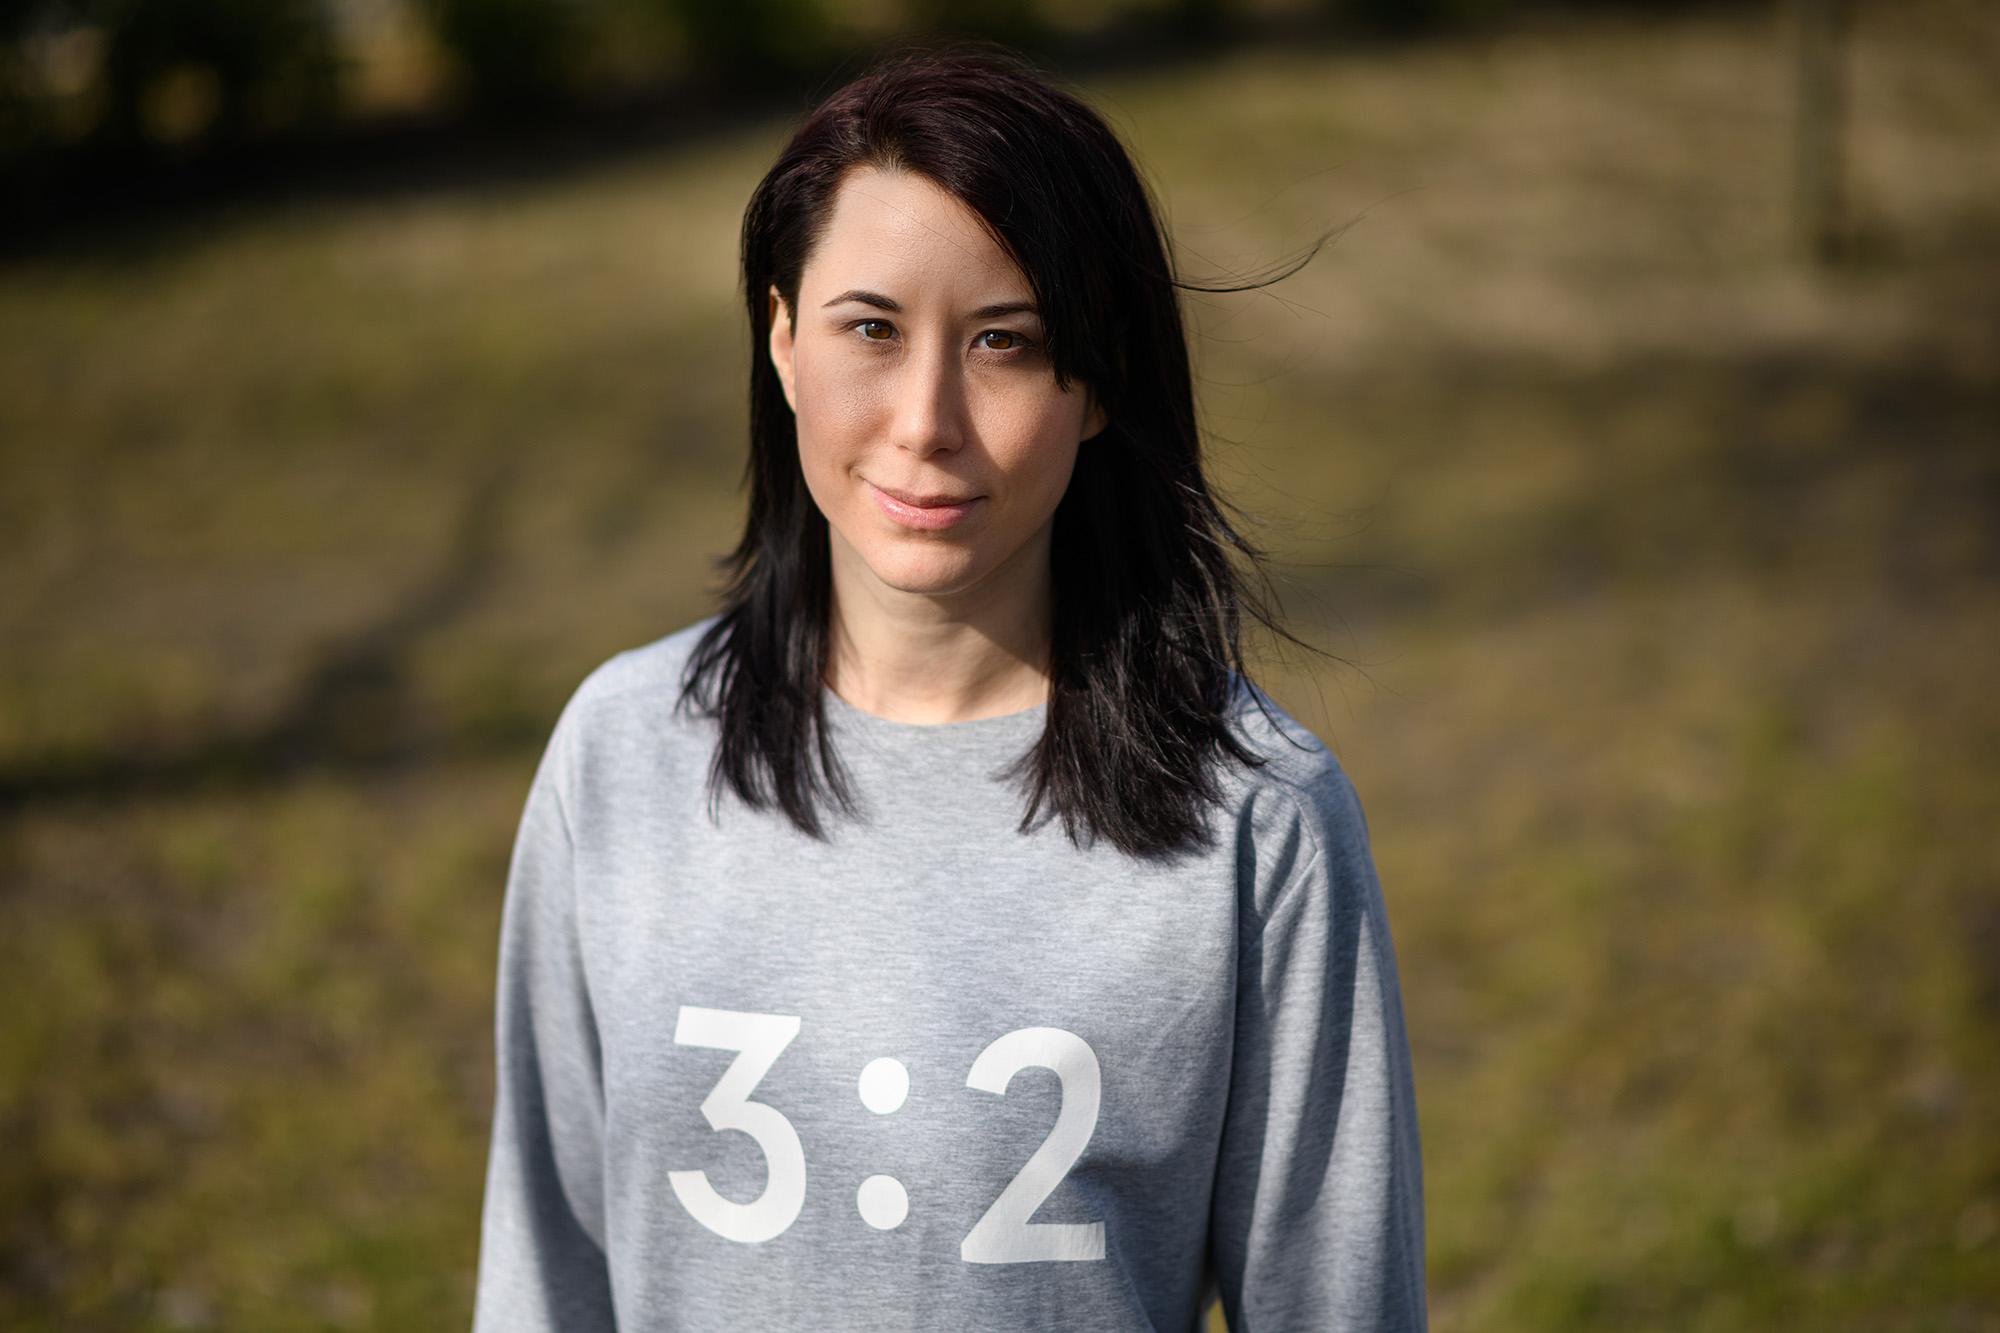 Ha tanár nincs, szenzorok mutatják a tökéletes ászanát – magyar lány találmánya hódítja meg a világot